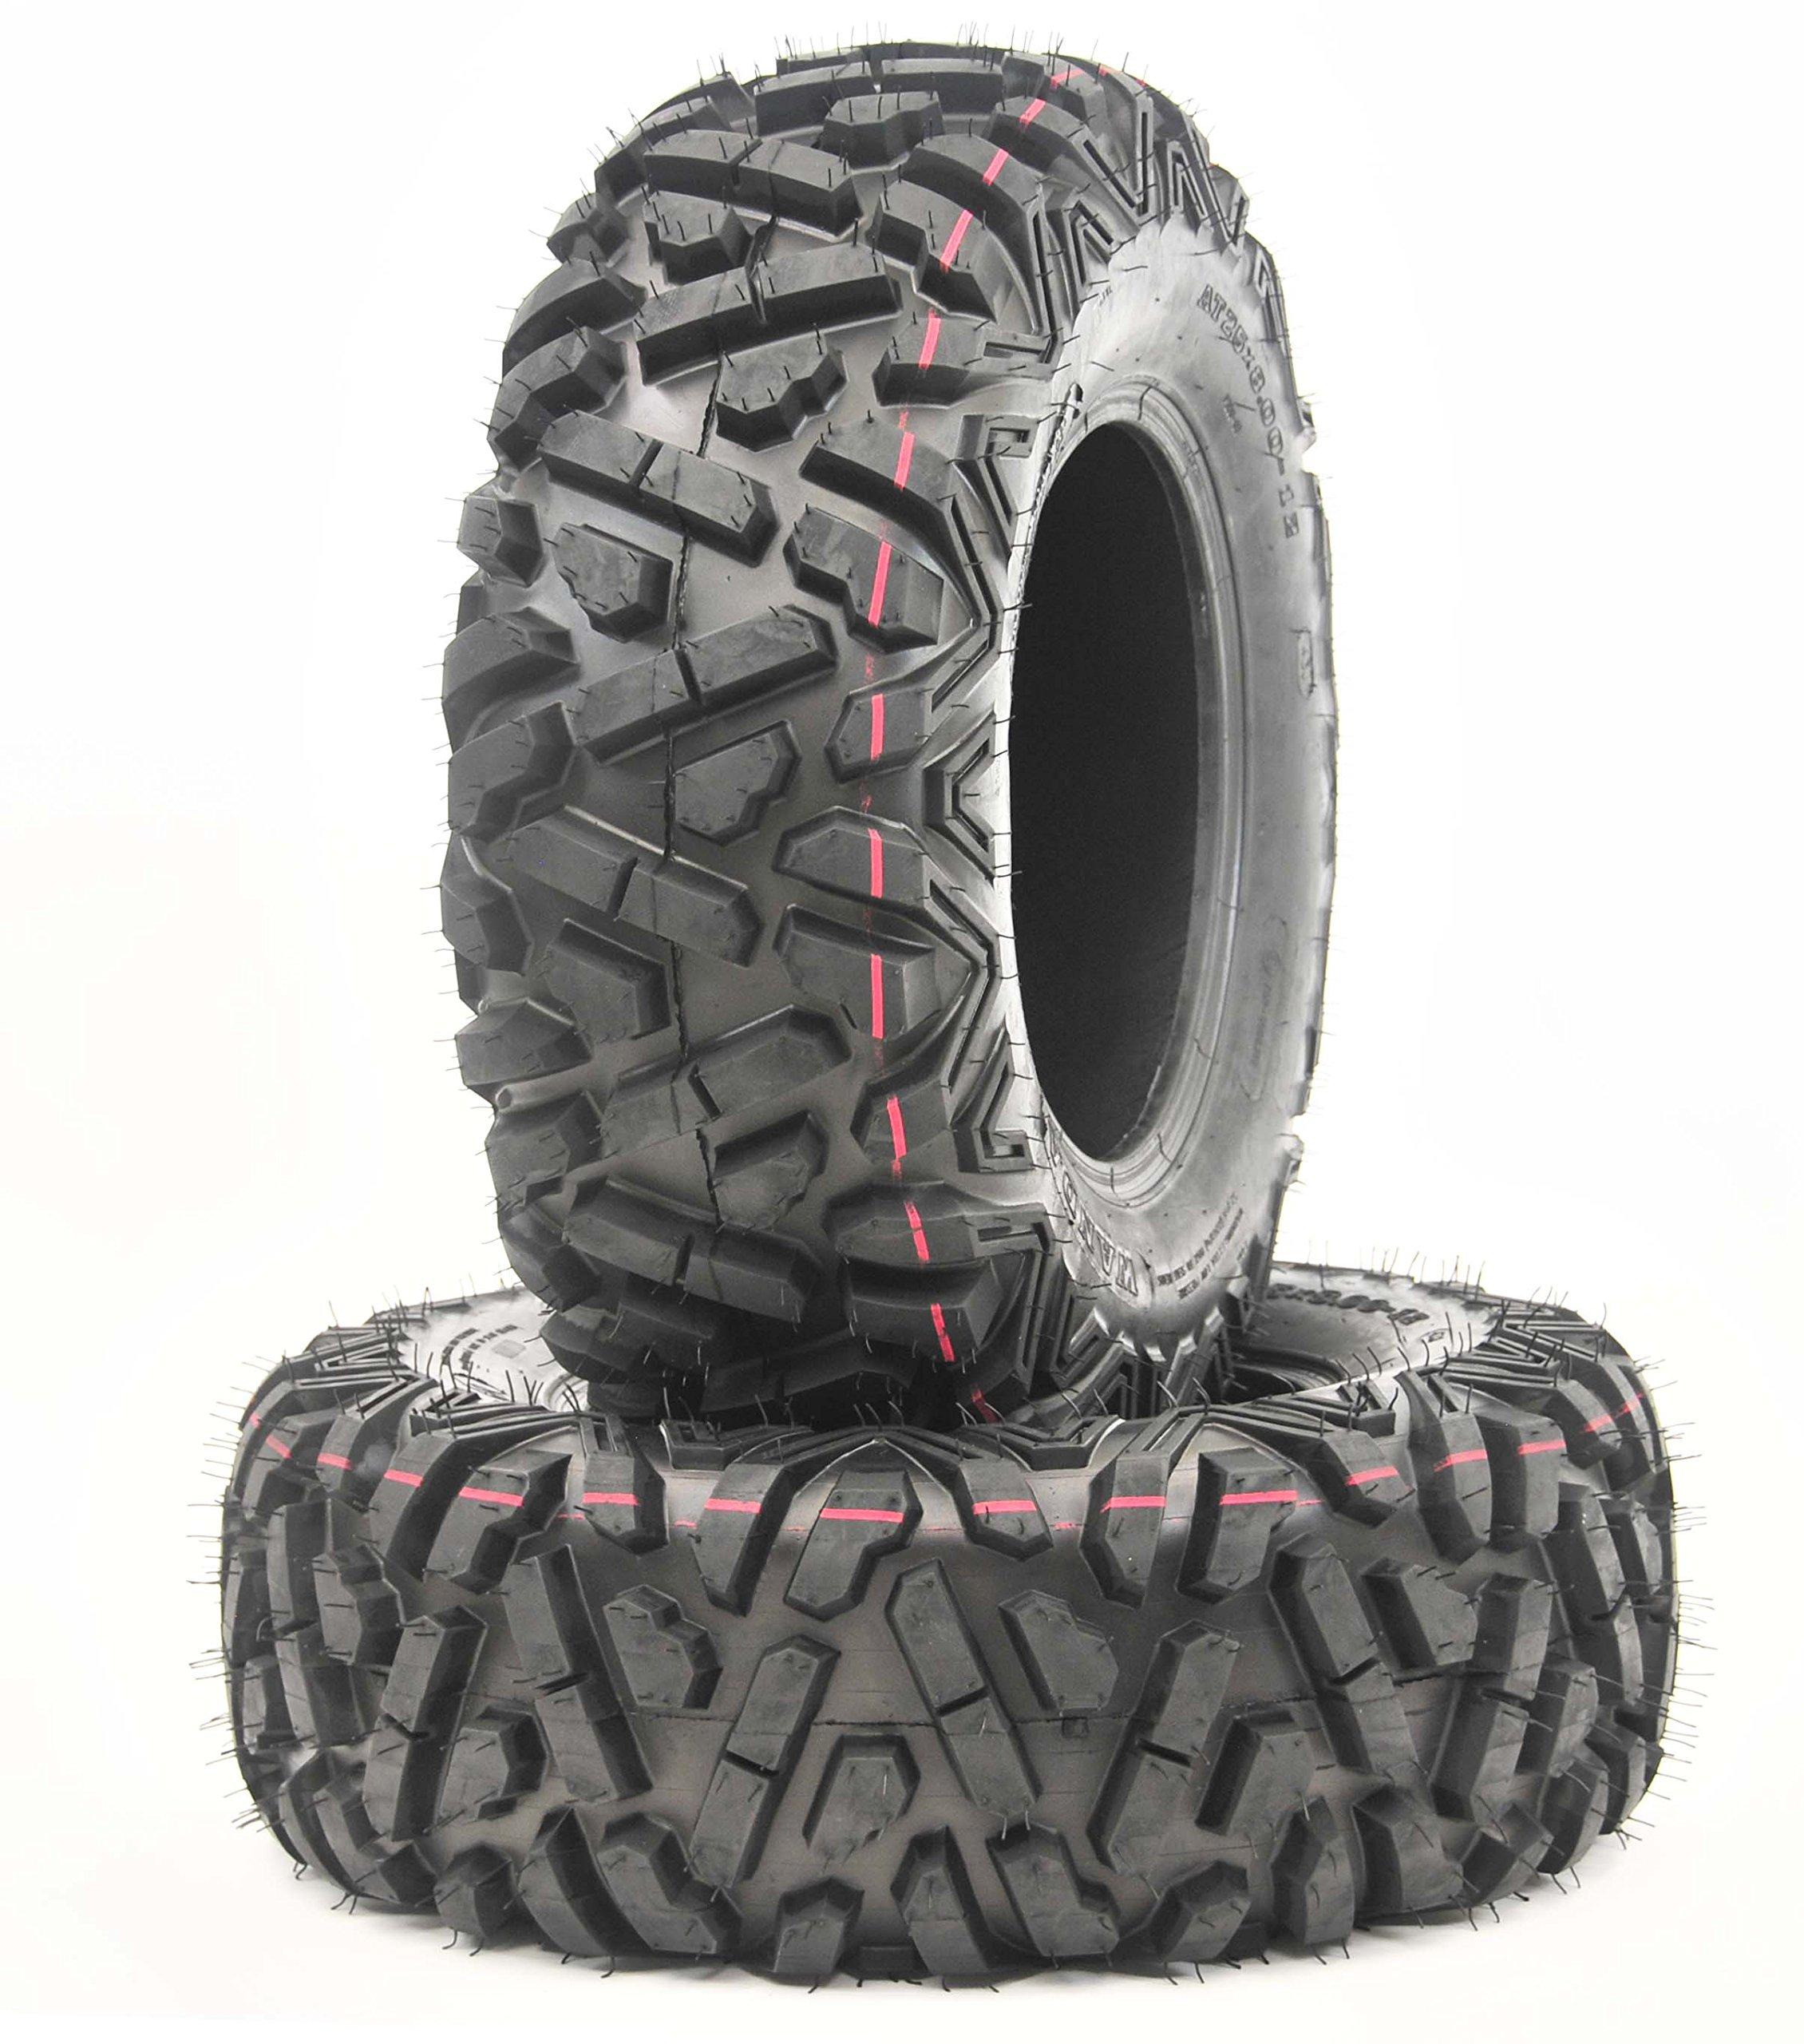 2 New WANDA ATV/UTV Tires 24X9-11 4PR P350 - 10256